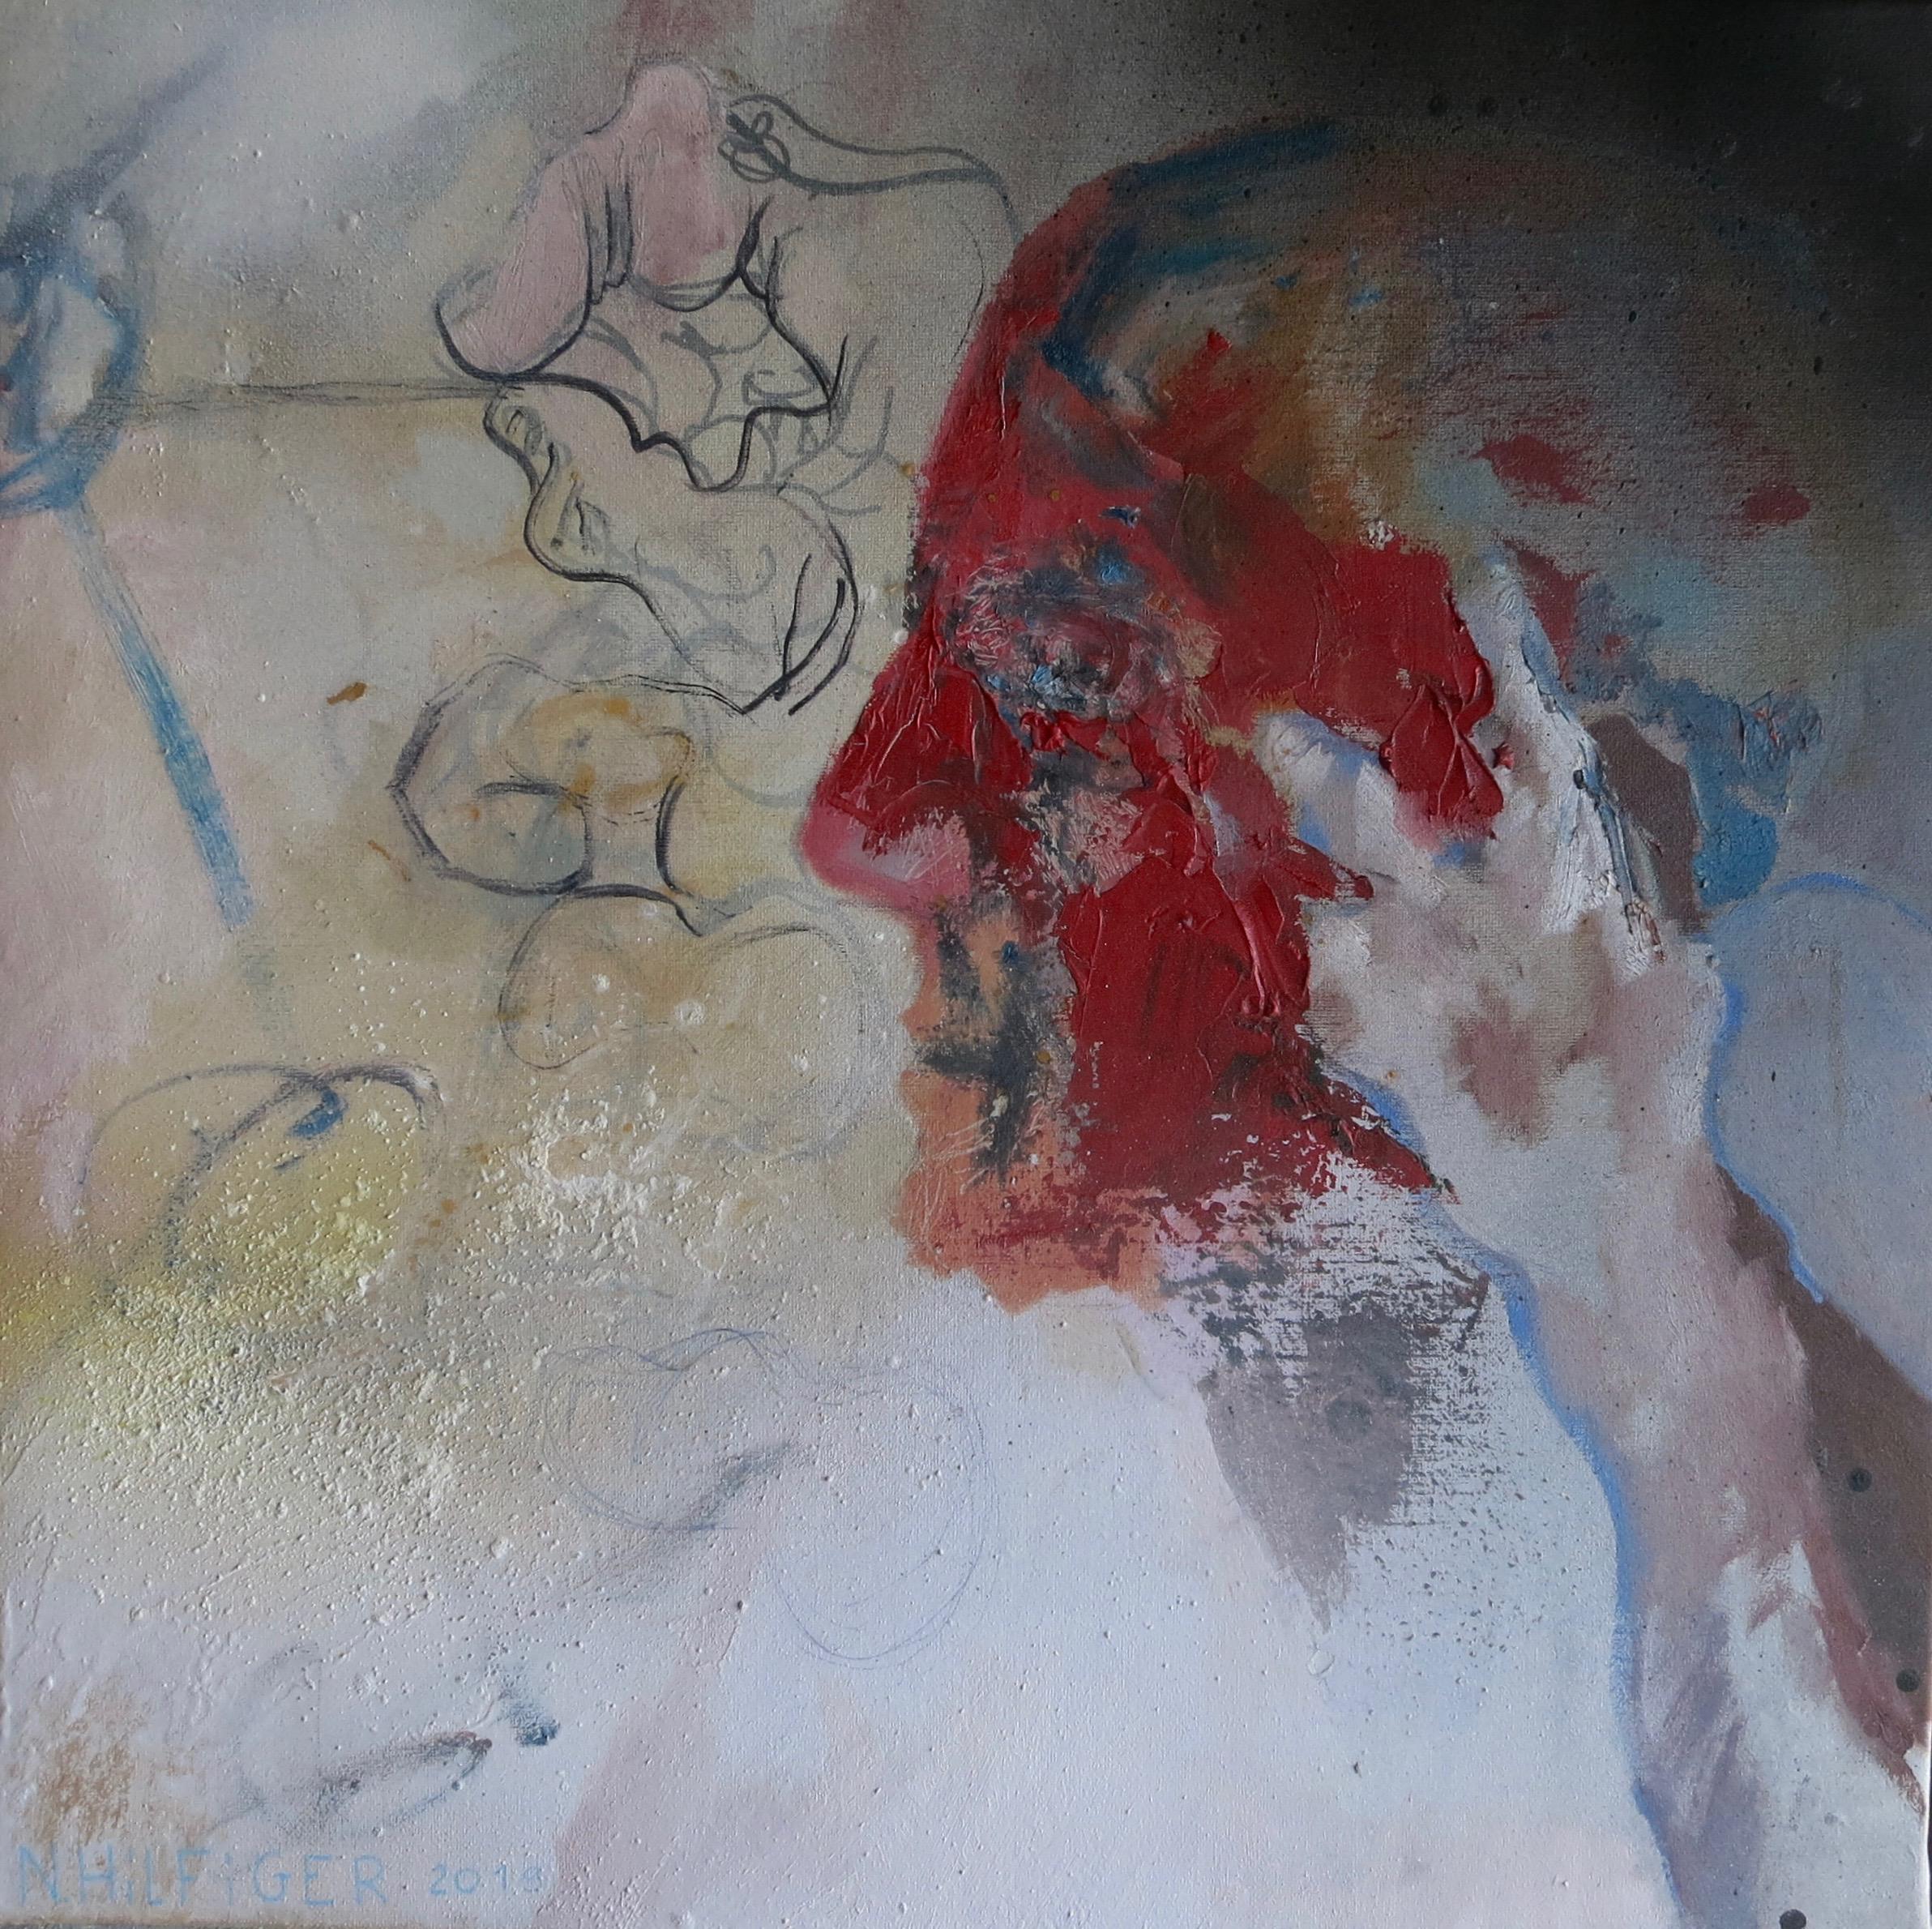 Le Miroir du Peintre